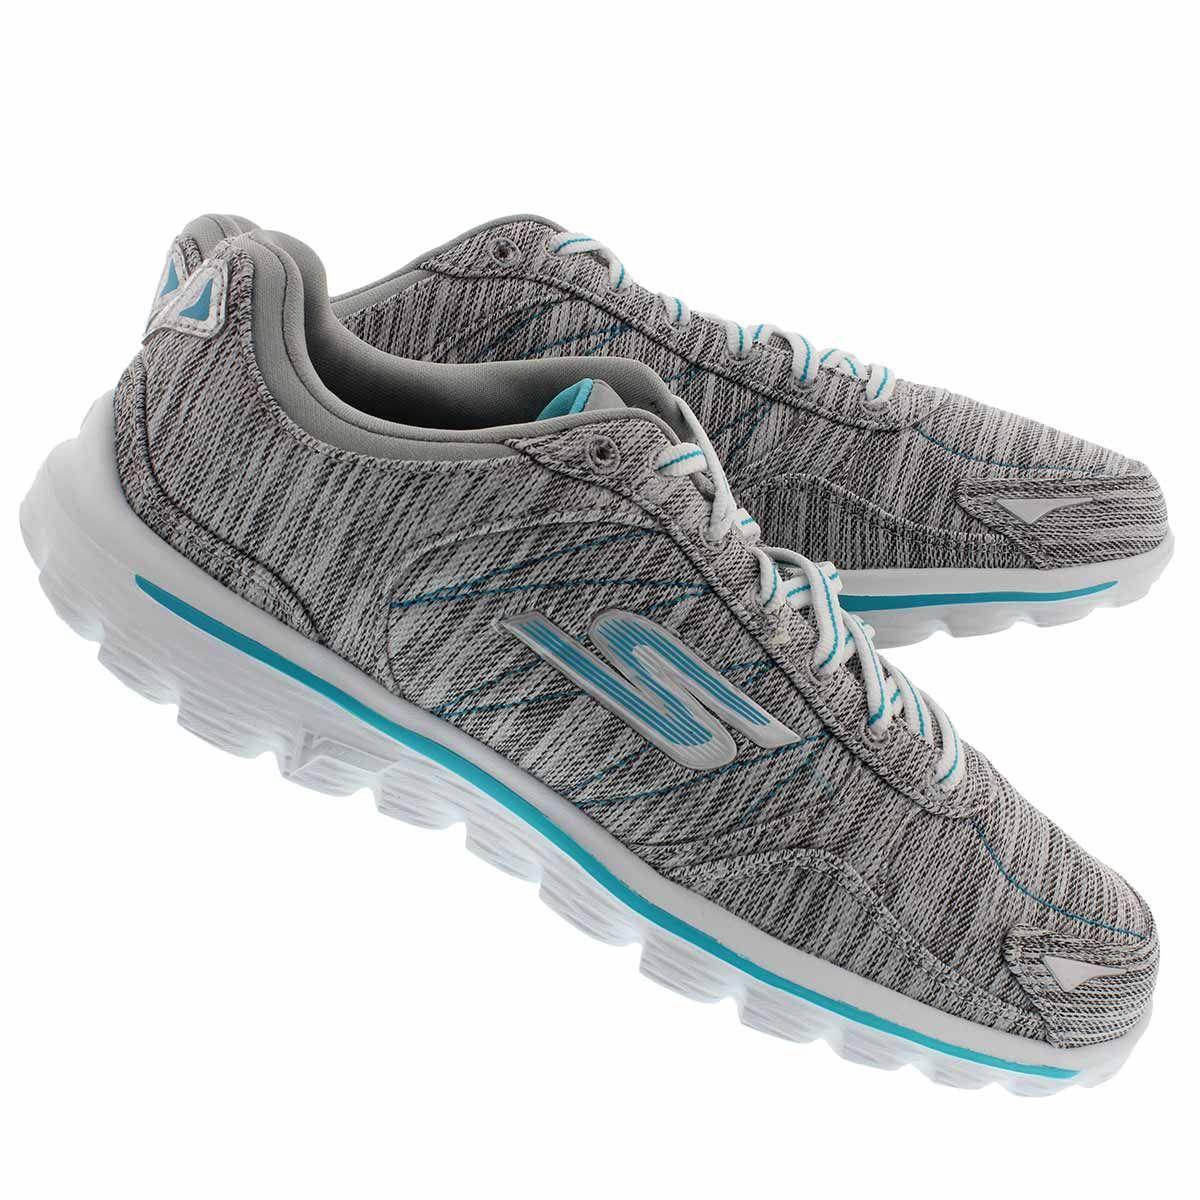 Skechers Women S Gowalk 2 Flash Linear Grey Sneakers 14020 Gyaq